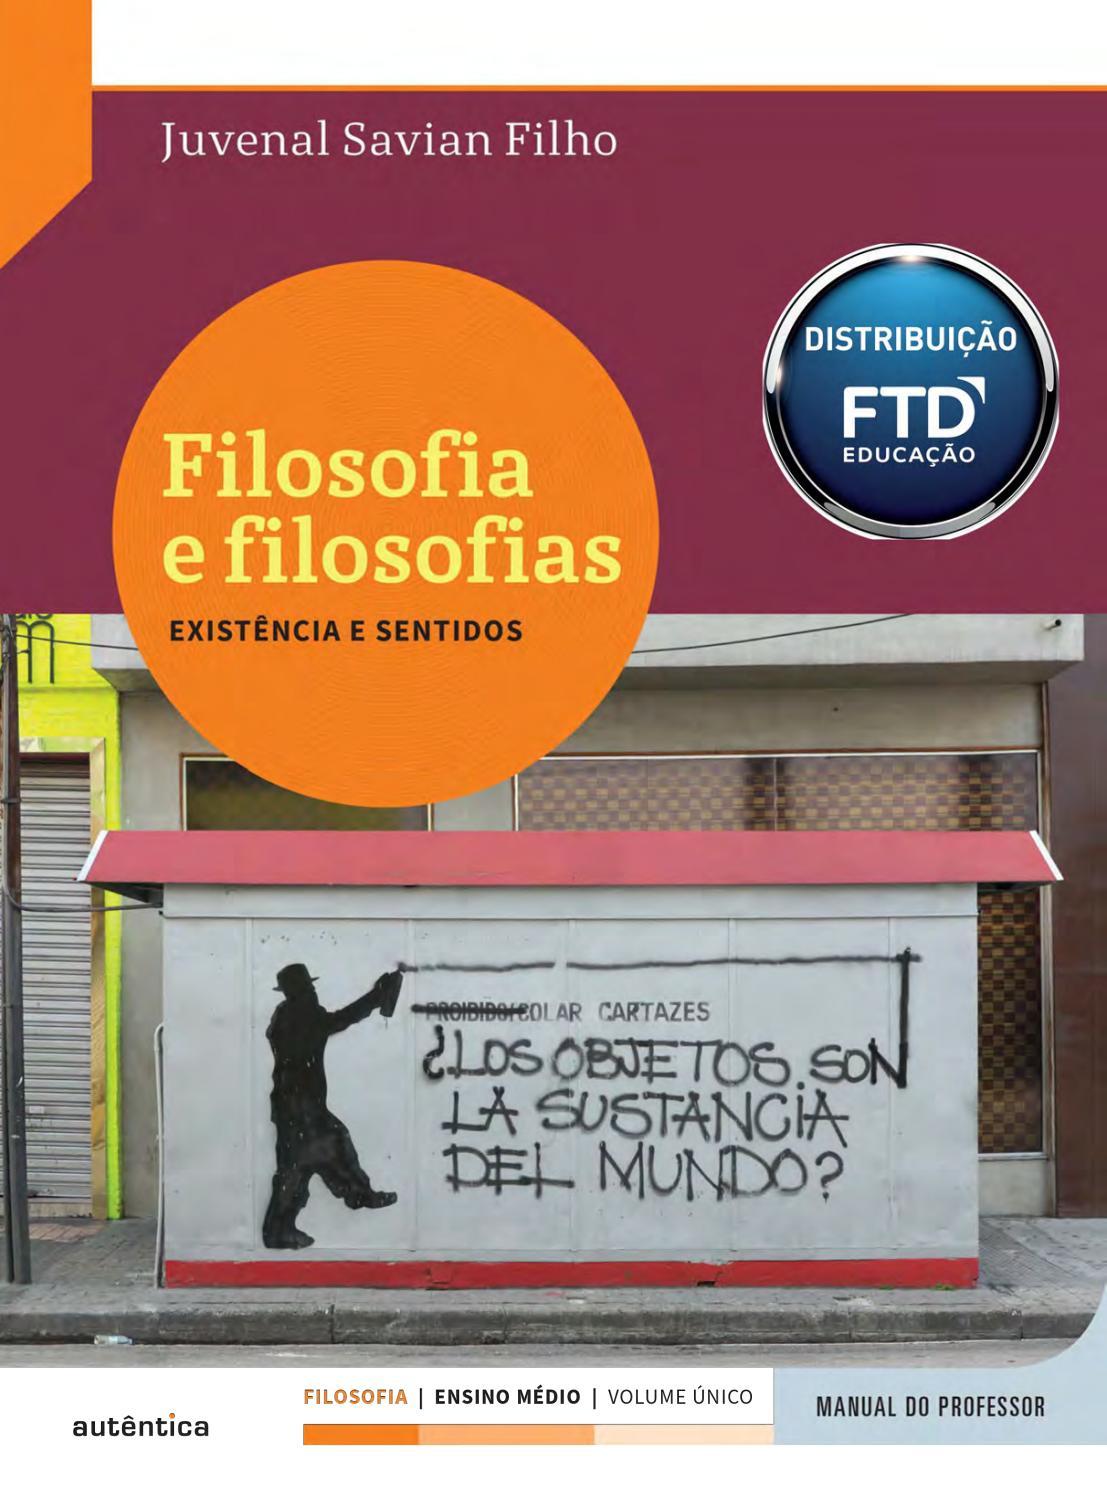 Filosofia autentica by Editora FTD issuu